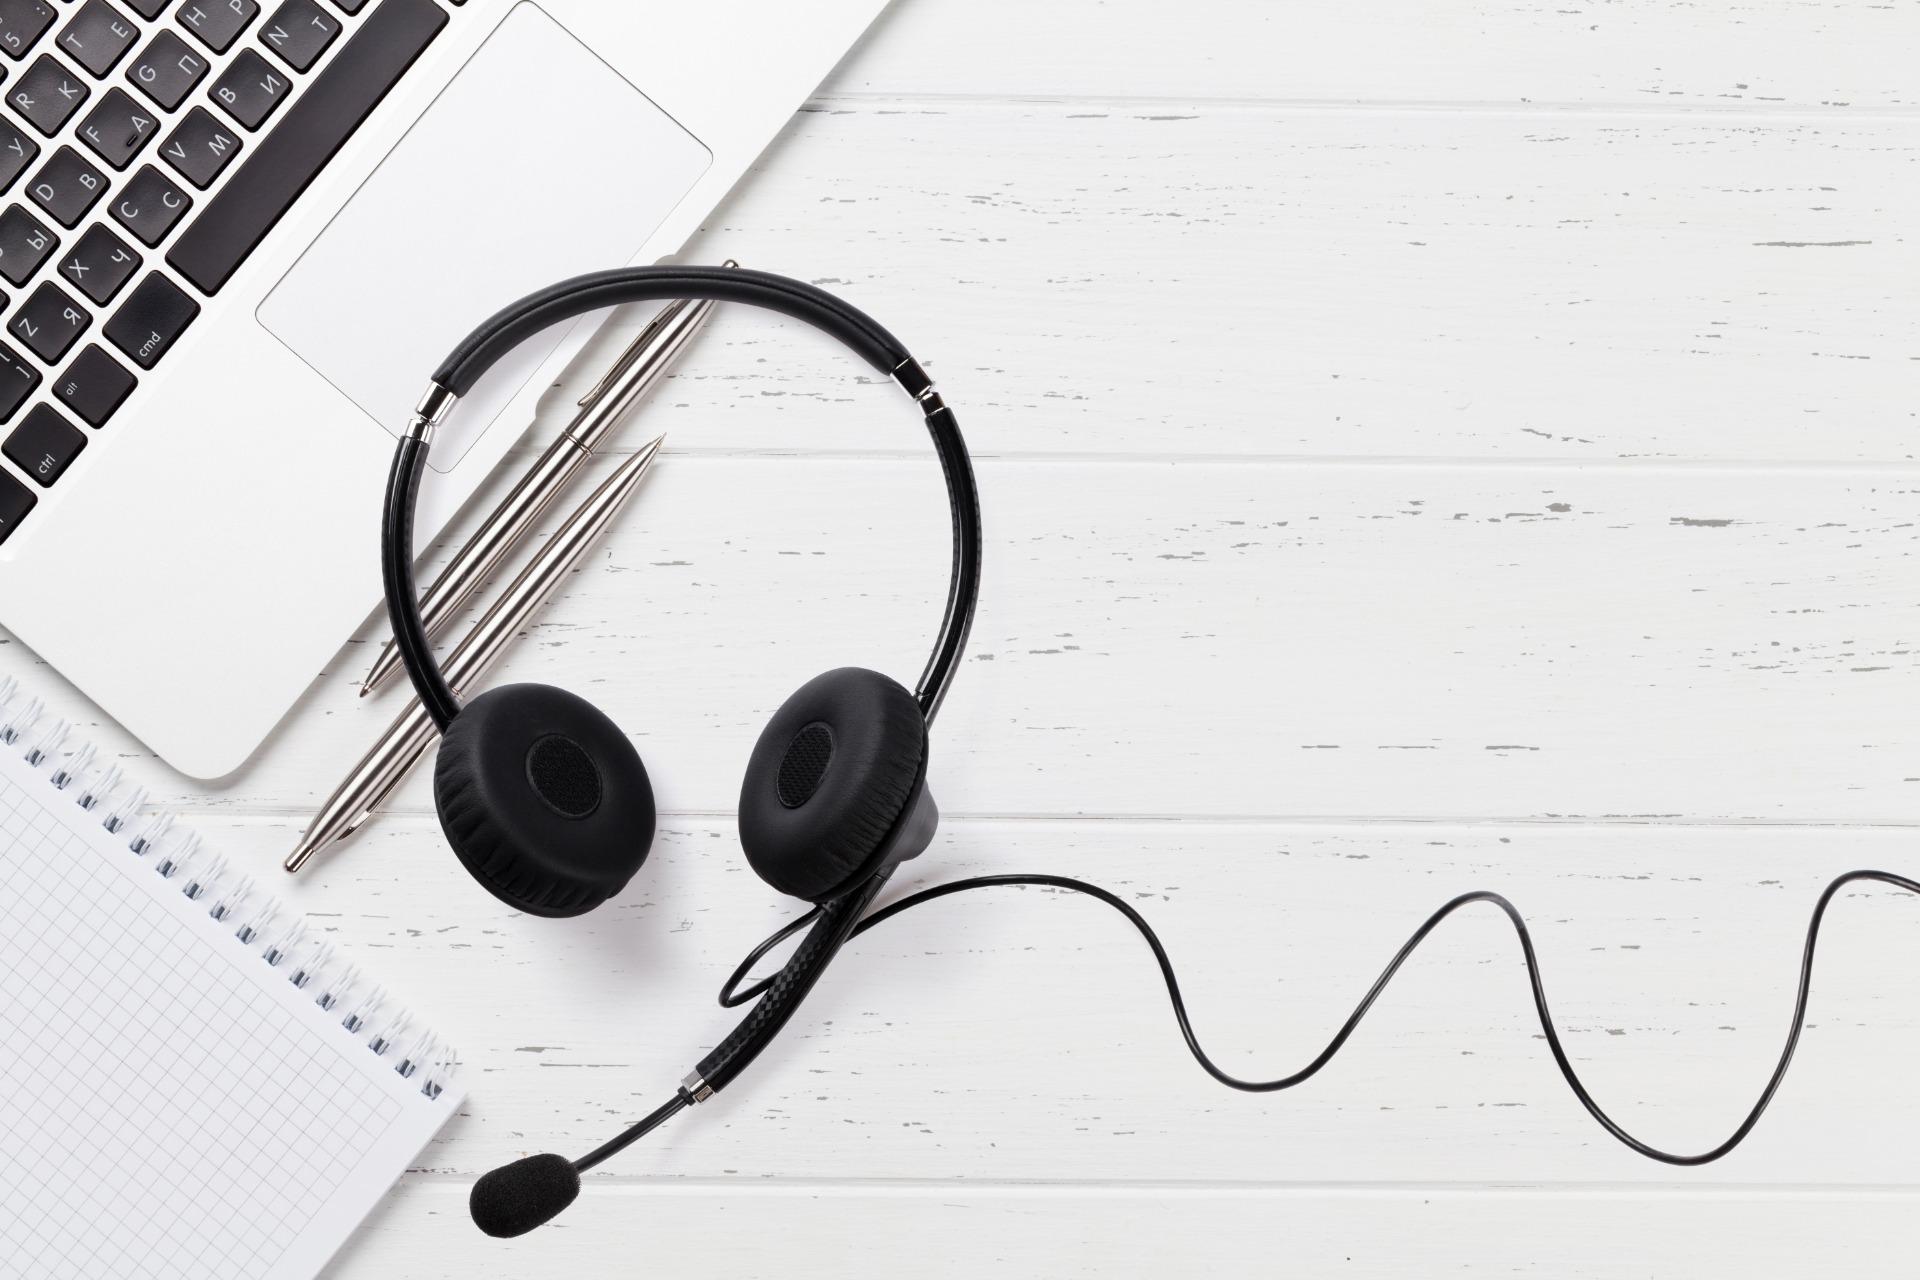 contact, online course, online studeren, webinar, icha, online studeren, onderwijs van thuis uit, thuis leren